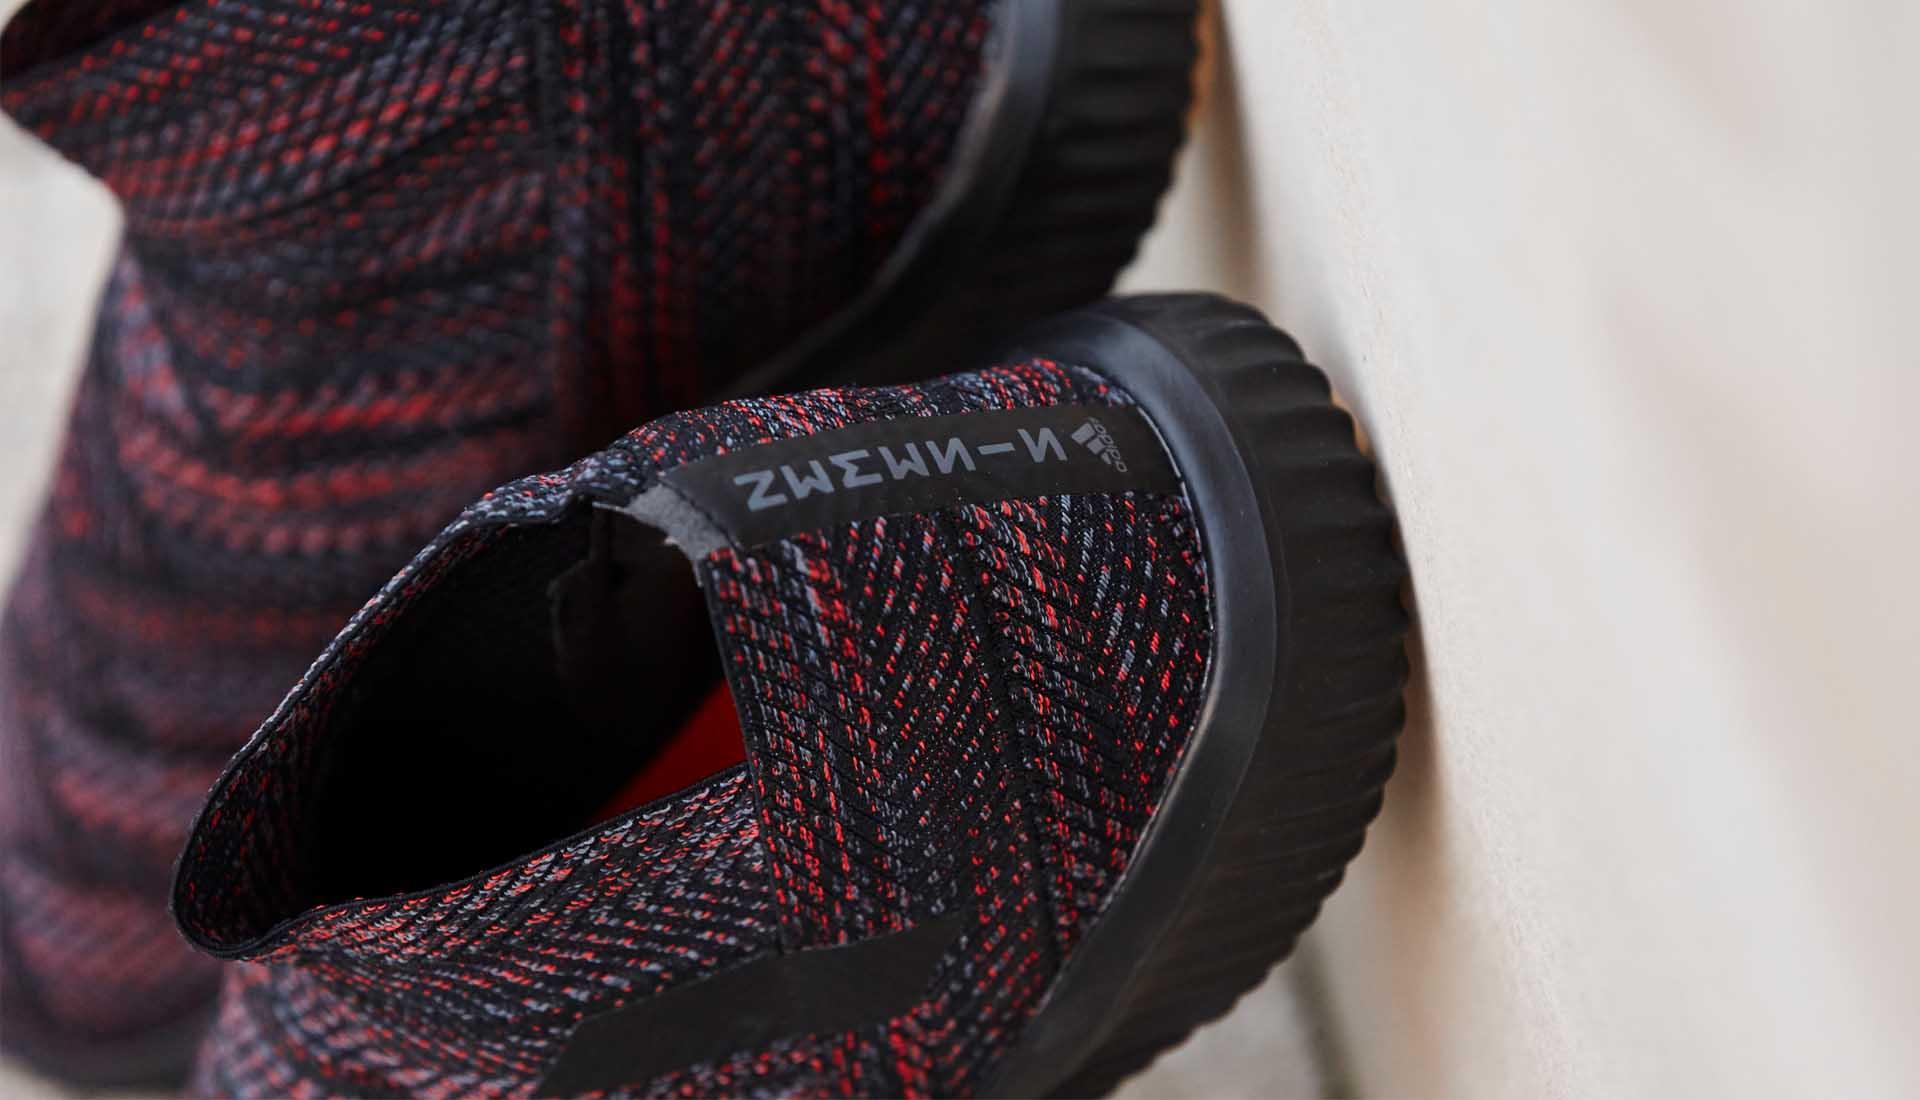 adidas Drop The Nemeziz Tango 18+